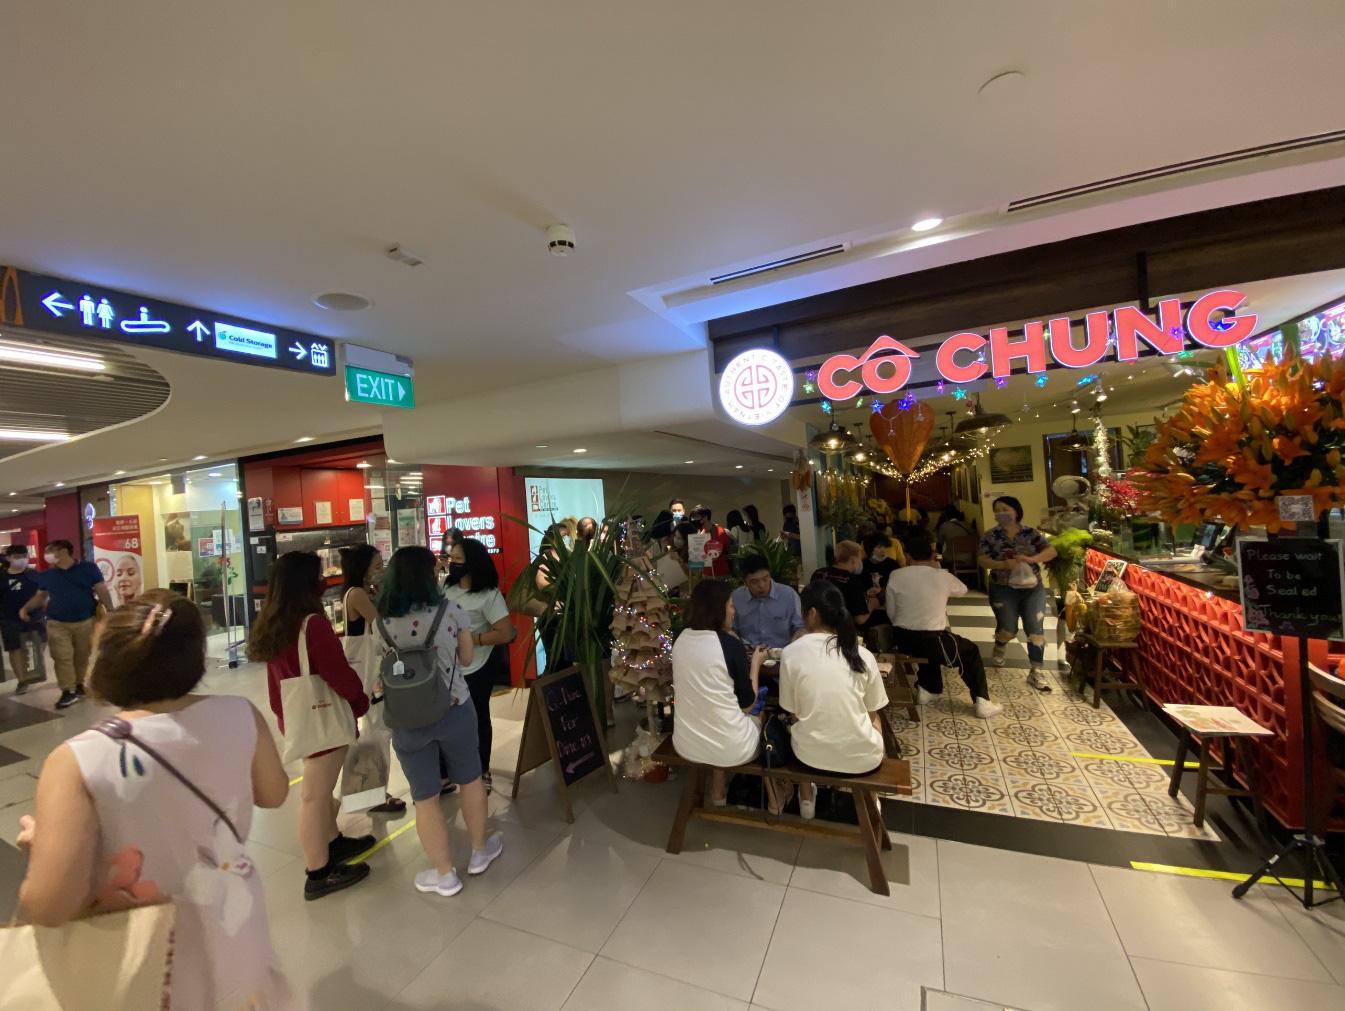 Nhà hàng Cô Chung tại Singapore được báo chí quốc tế khen ngợi - Ảnh 3.